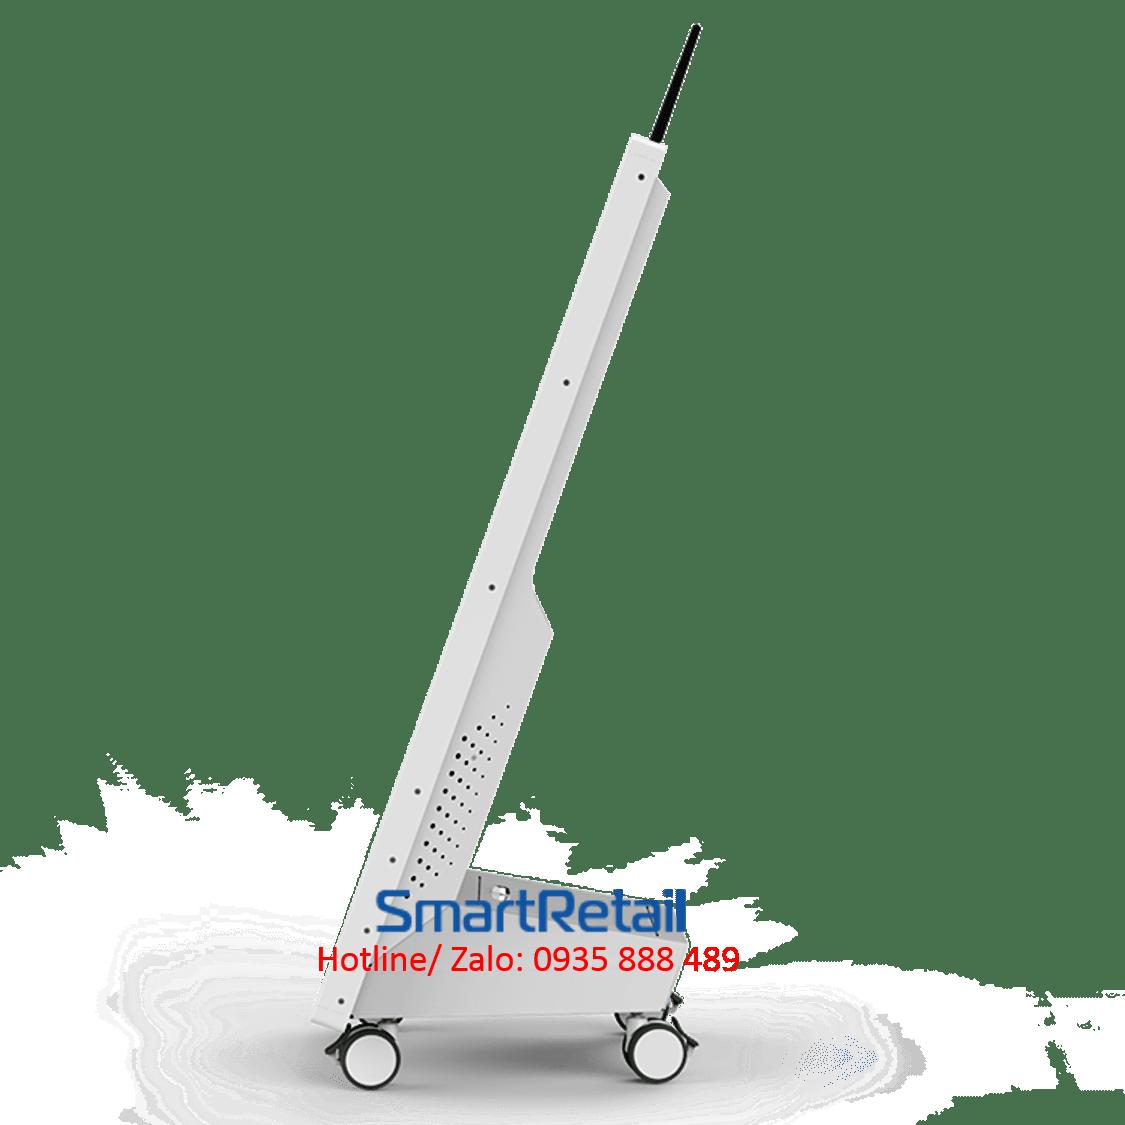 SmartRetail Màn hình led quảng cáo DSF B132 S4L 2